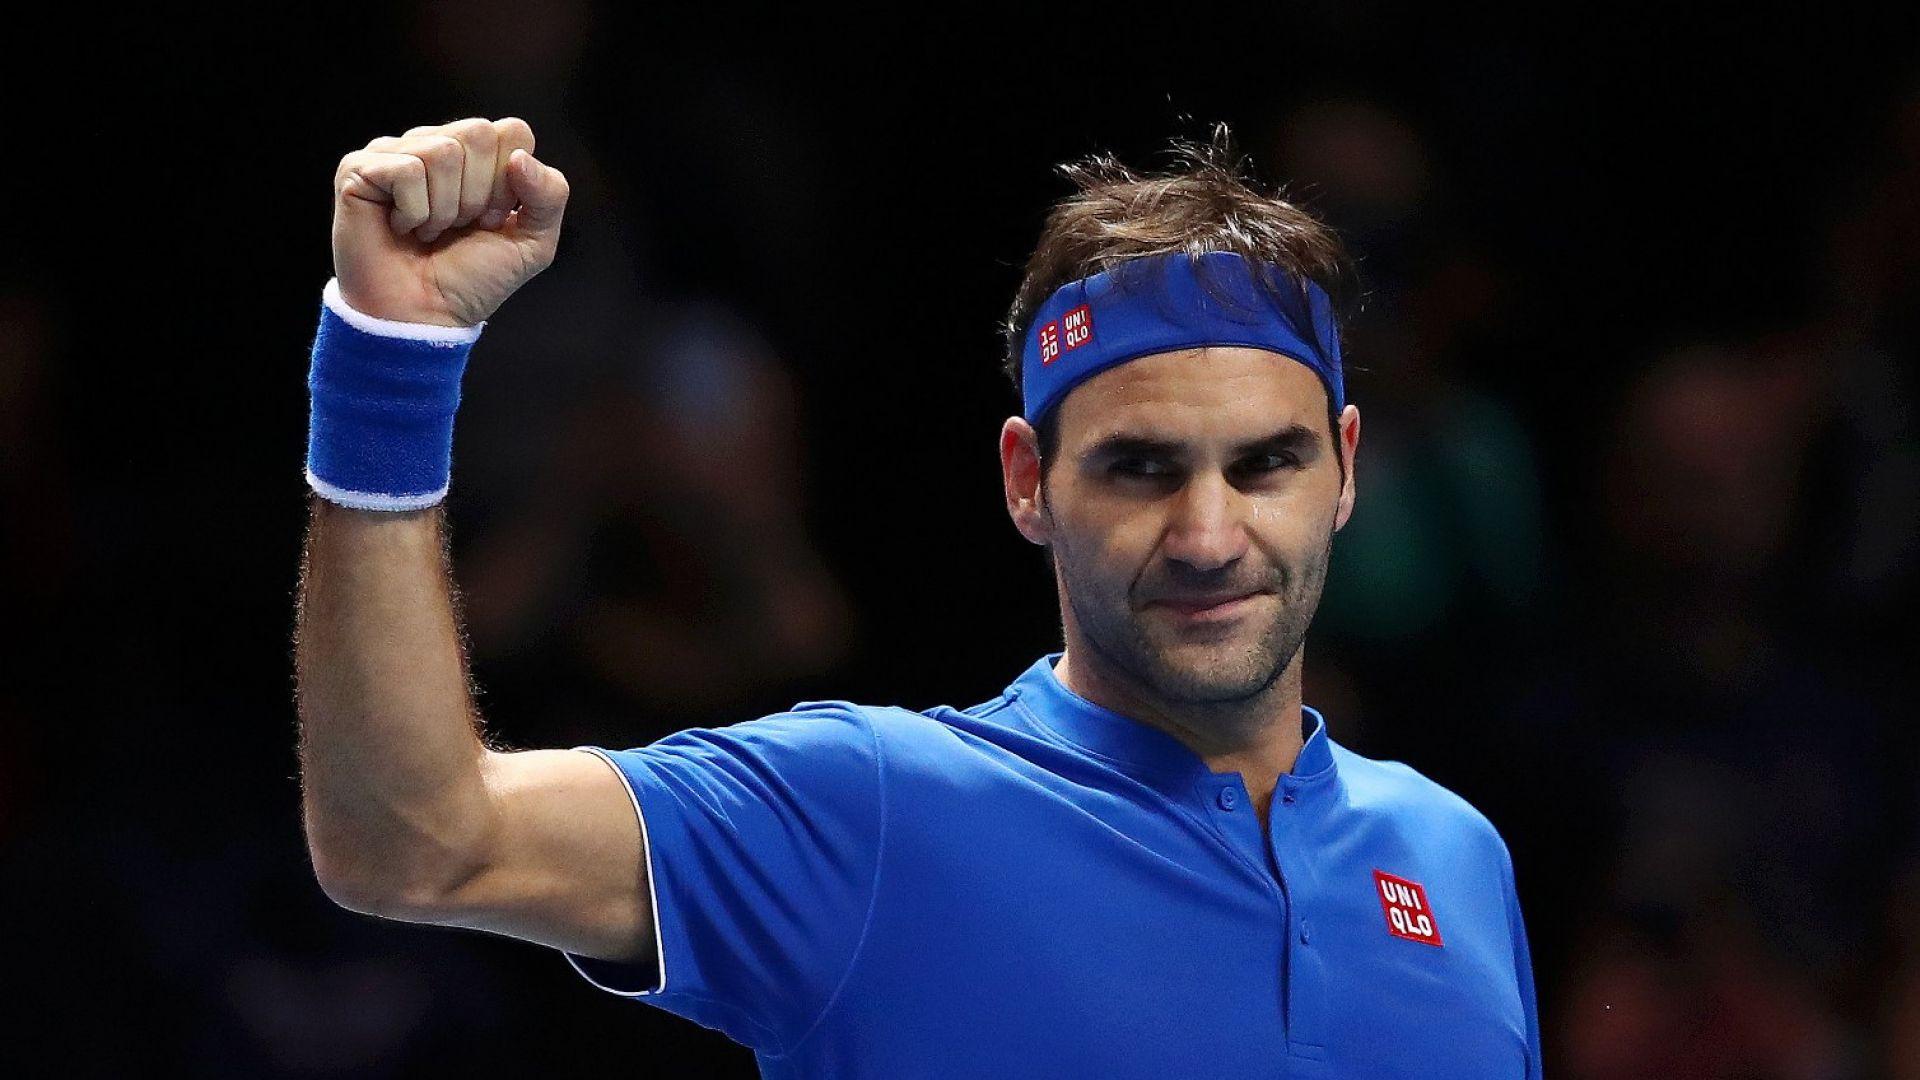 Несломим Федерер е на две победи от титлата в Лондон